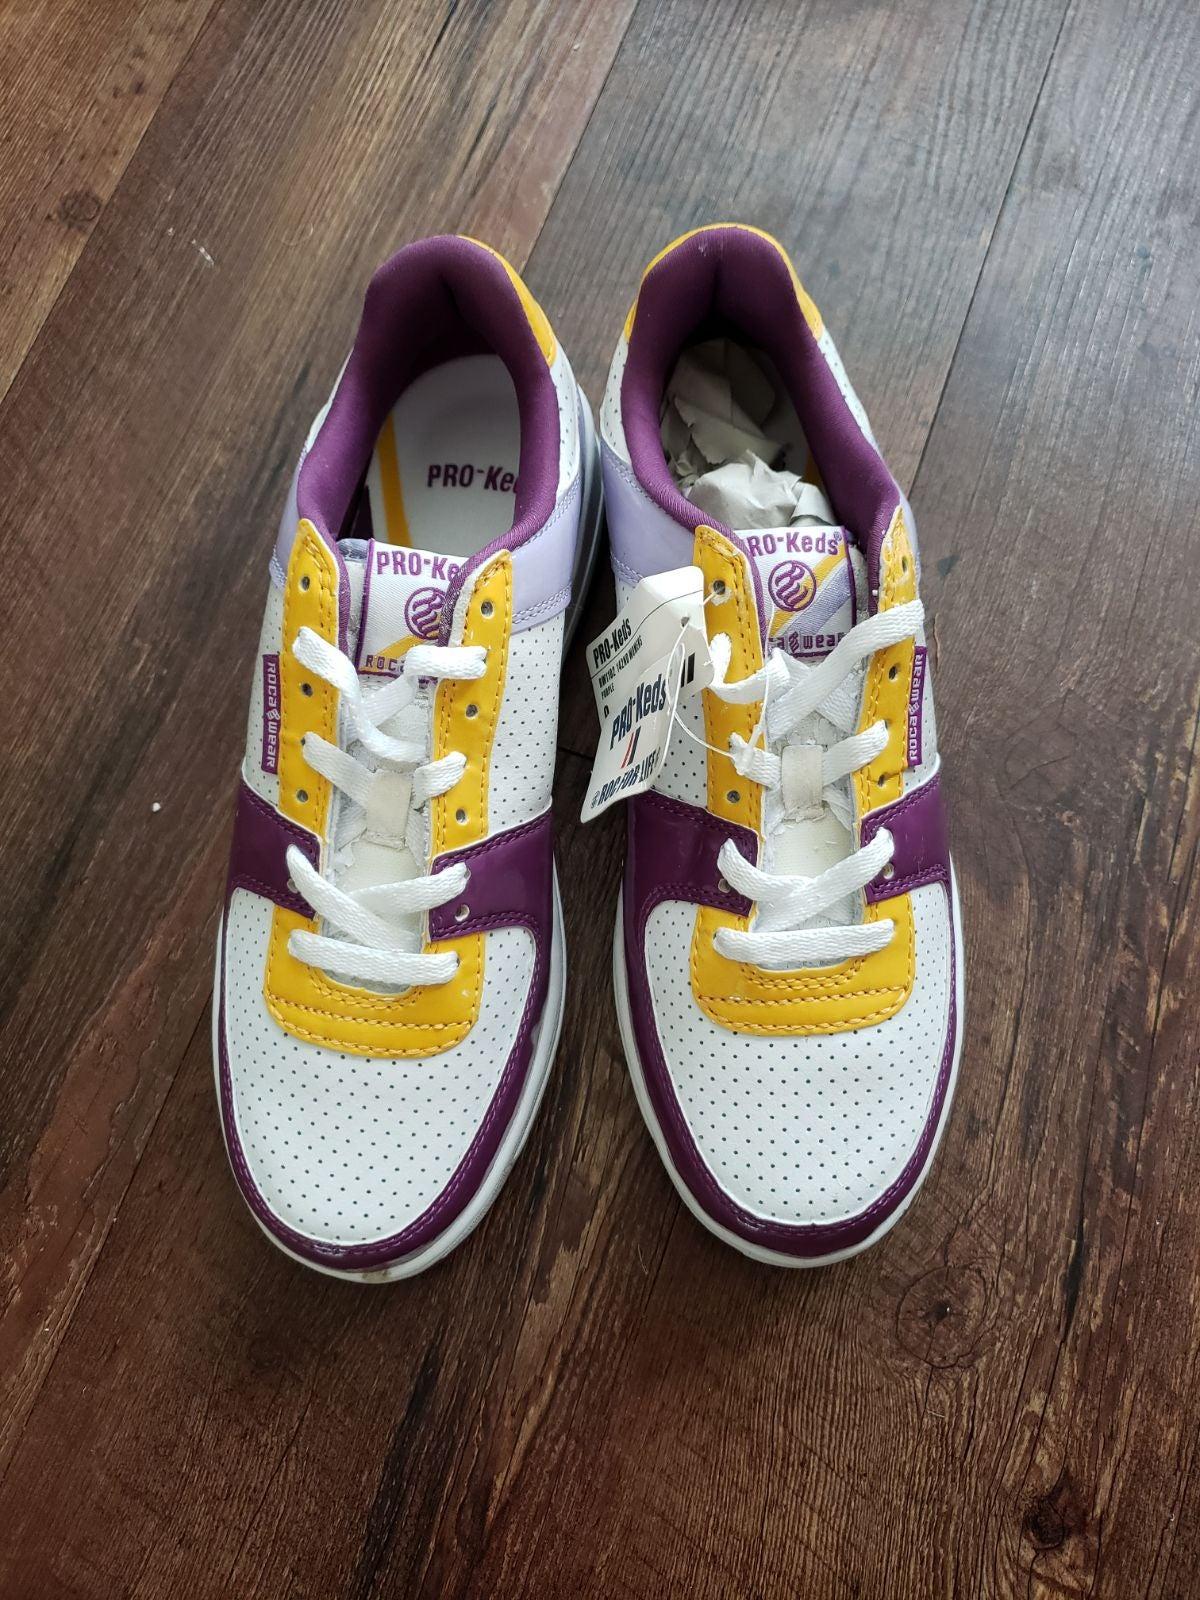 Pro-keds Shoes size 9